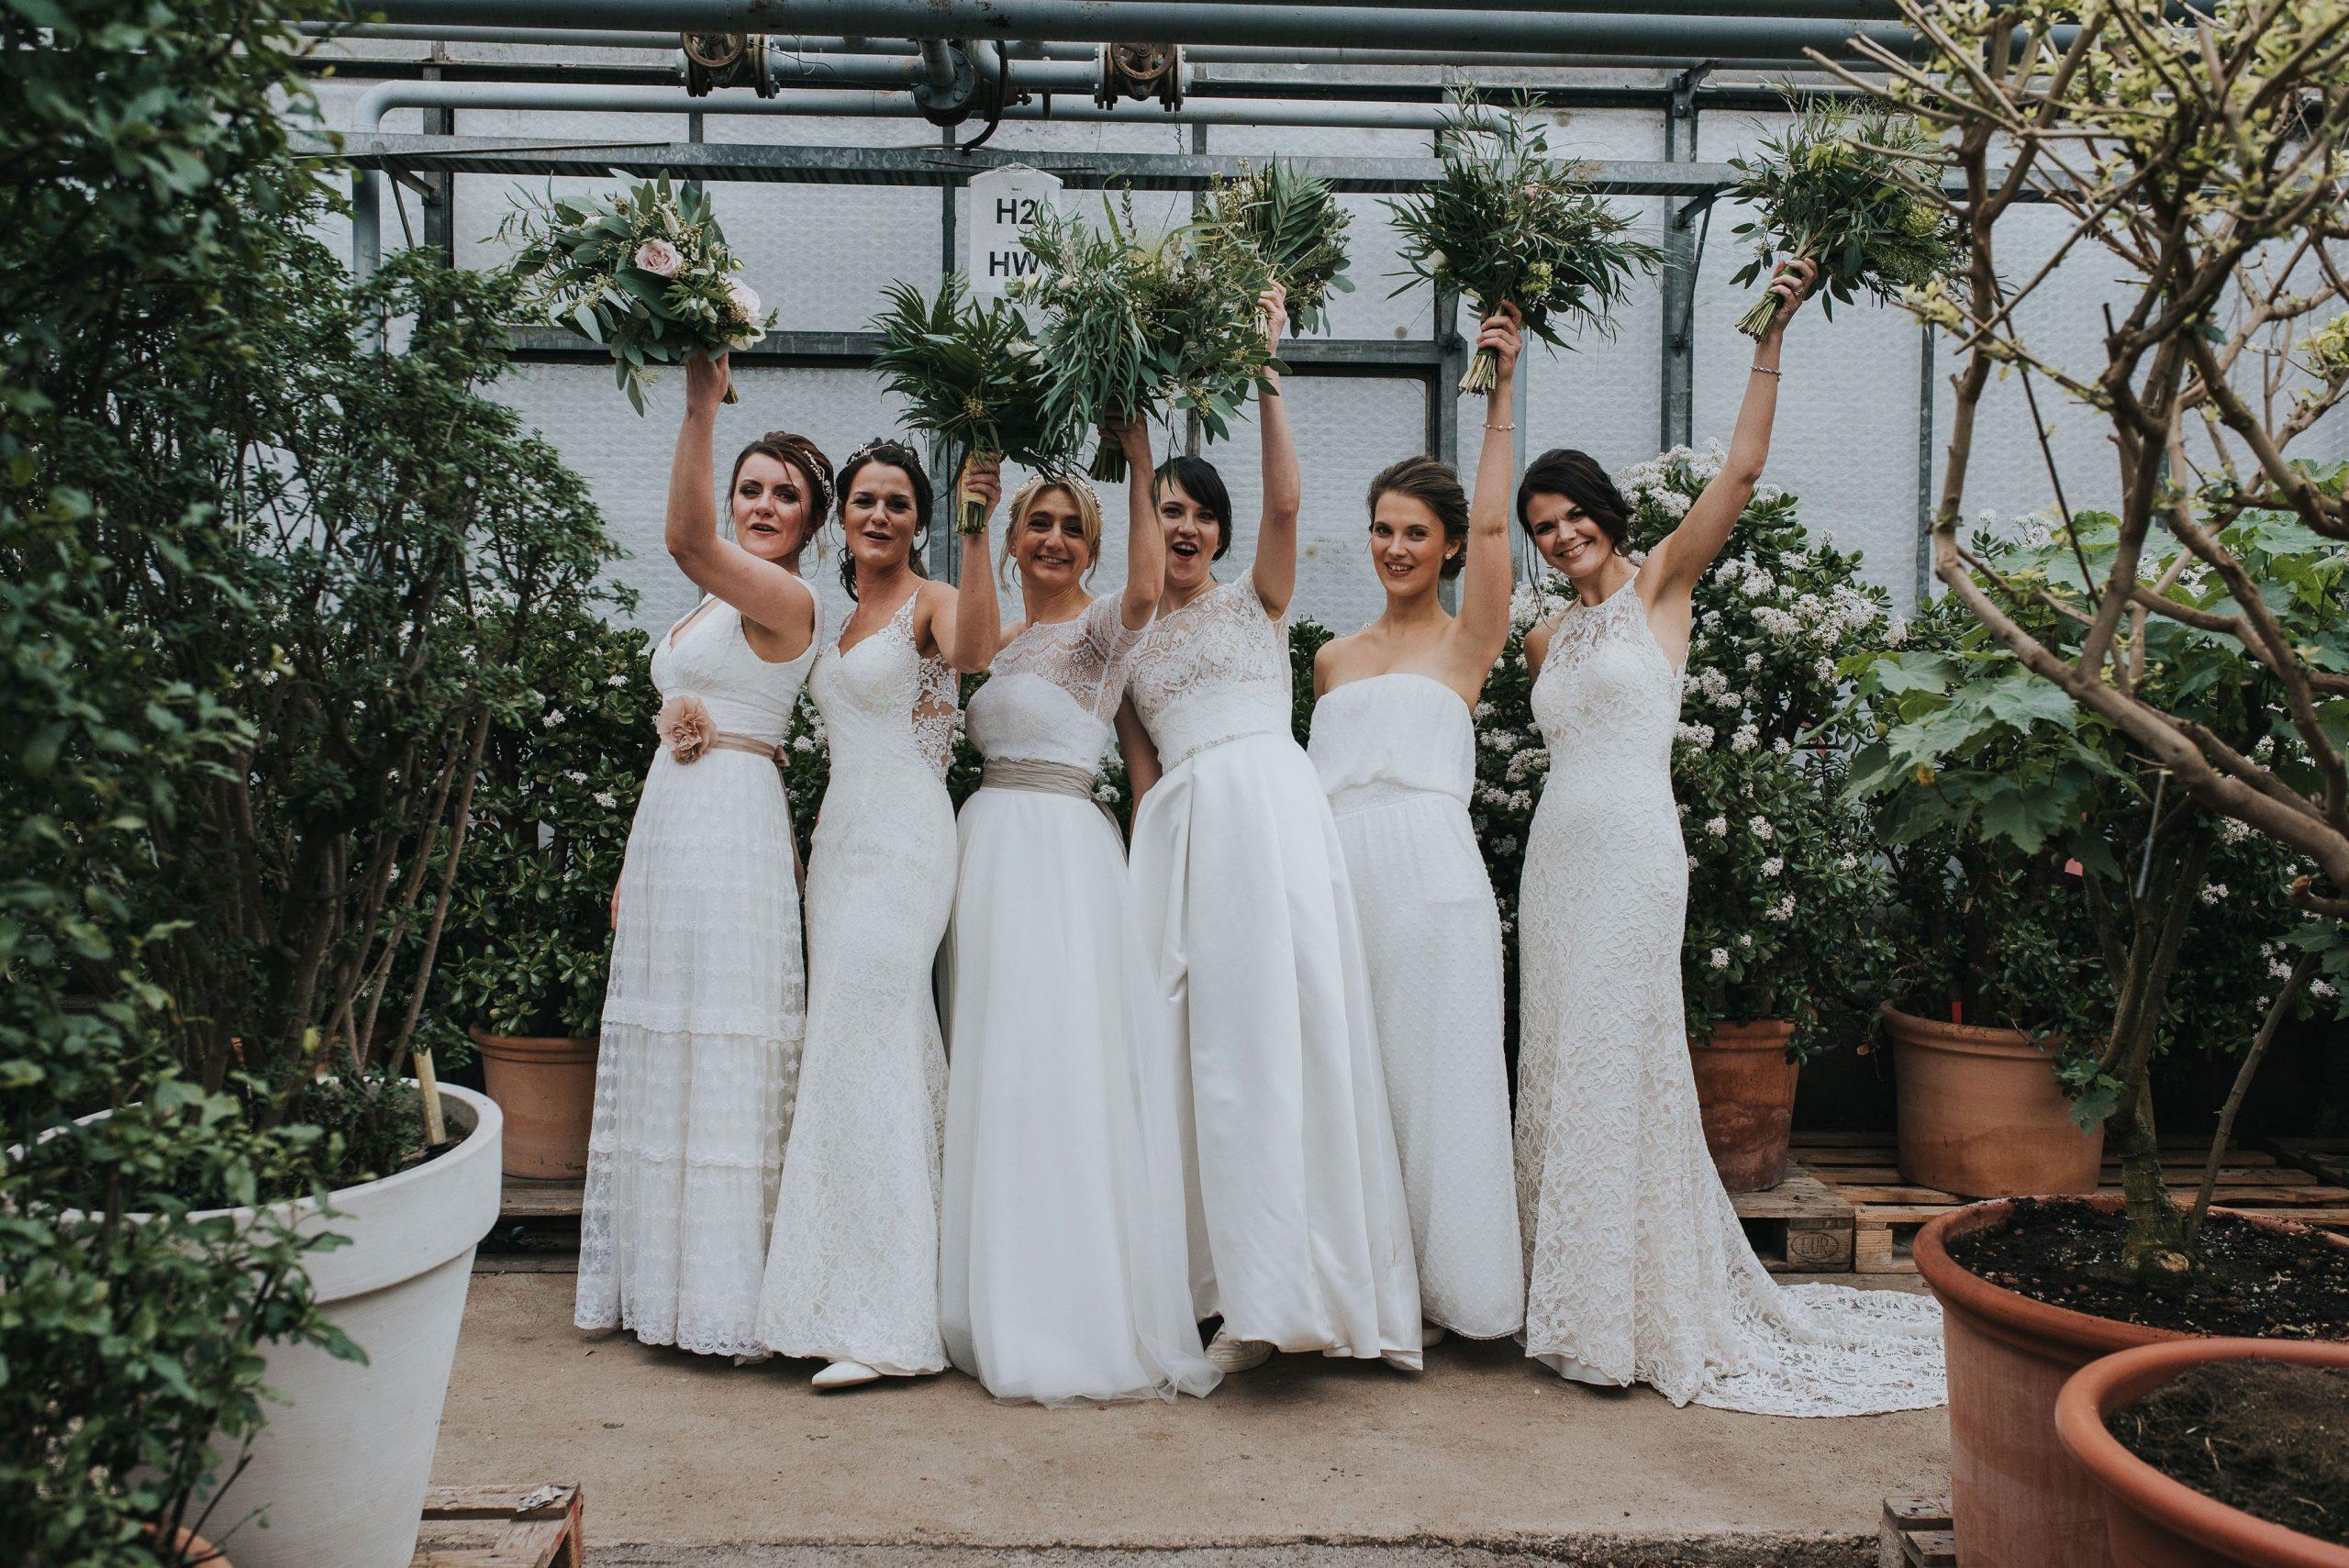 Hochzeit Im Gewächshaus - Greenery Wedding